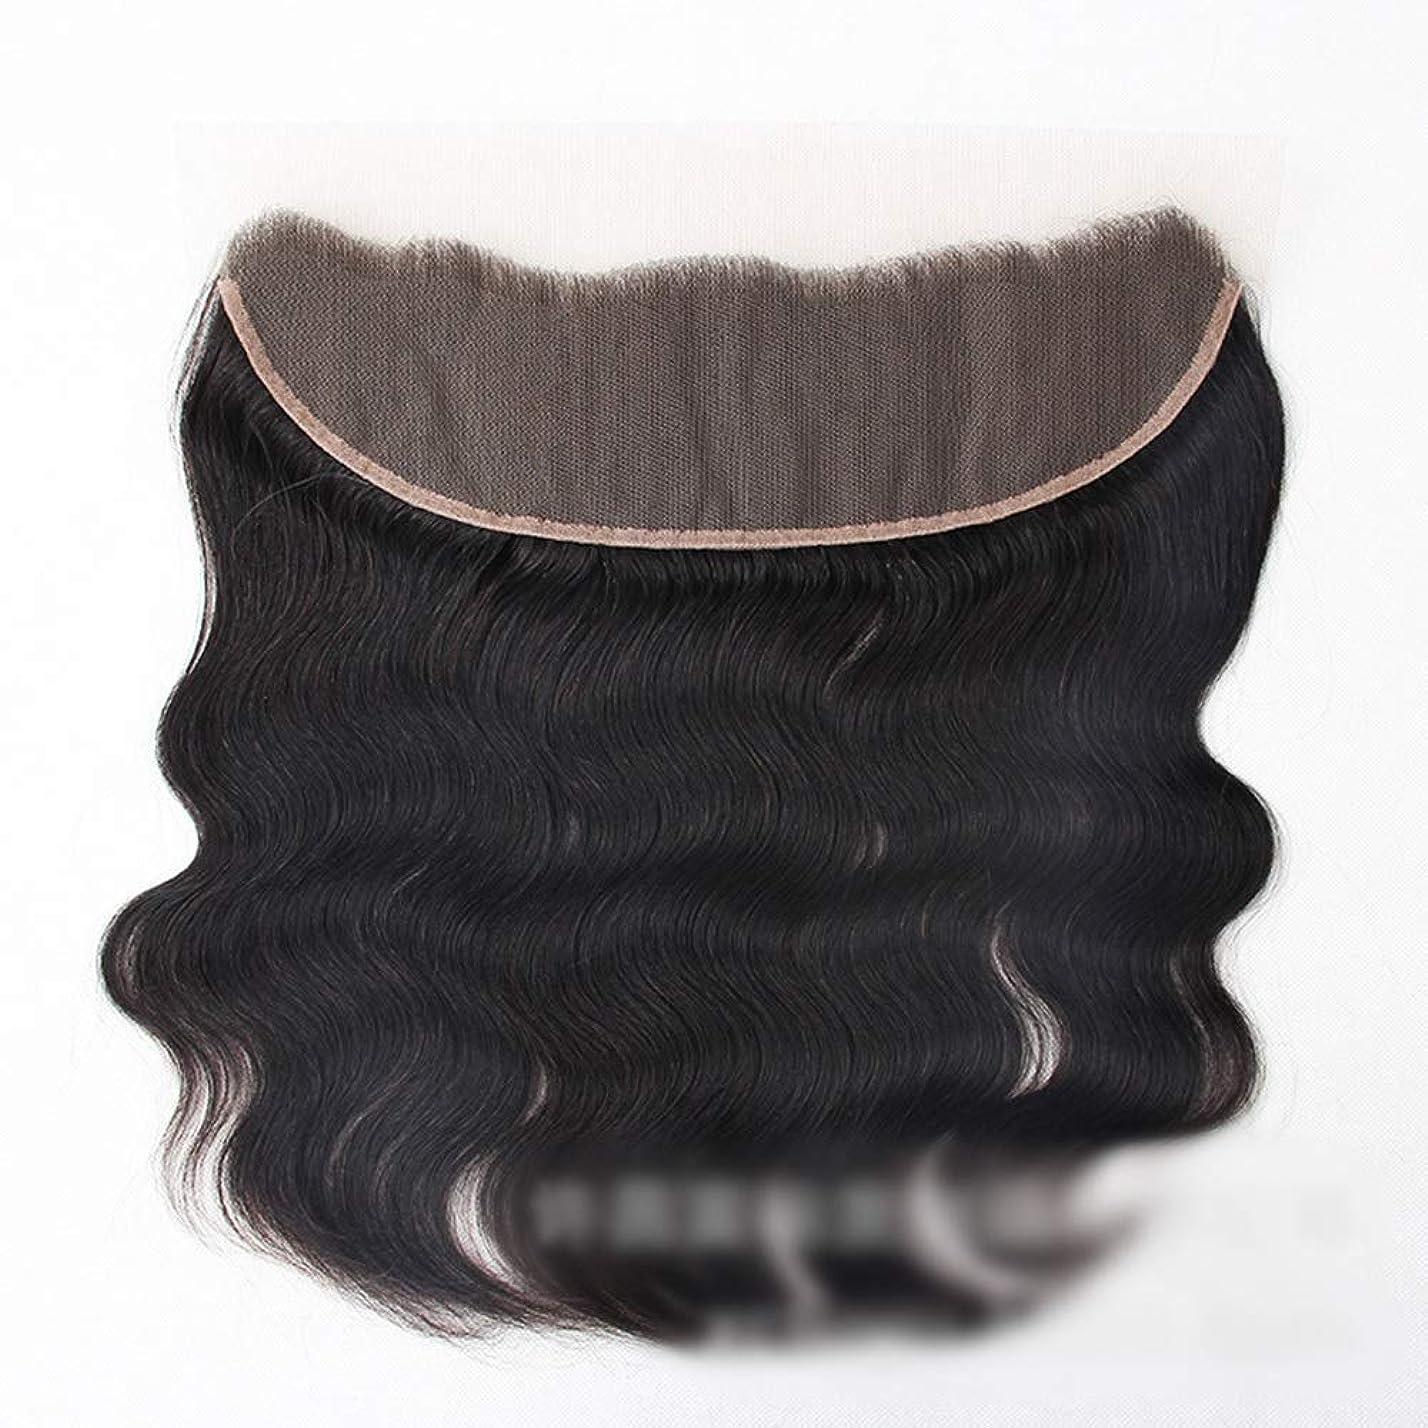 ハイジャックトロリーコーンBOBIDYEE 13 * 4レース前頭閉鎖自然な人間の髪の毛の前頭実体波ヘアエクステンション女性の短い巻き毛のかつら (色 : 黒, サイズ : 10 inch)